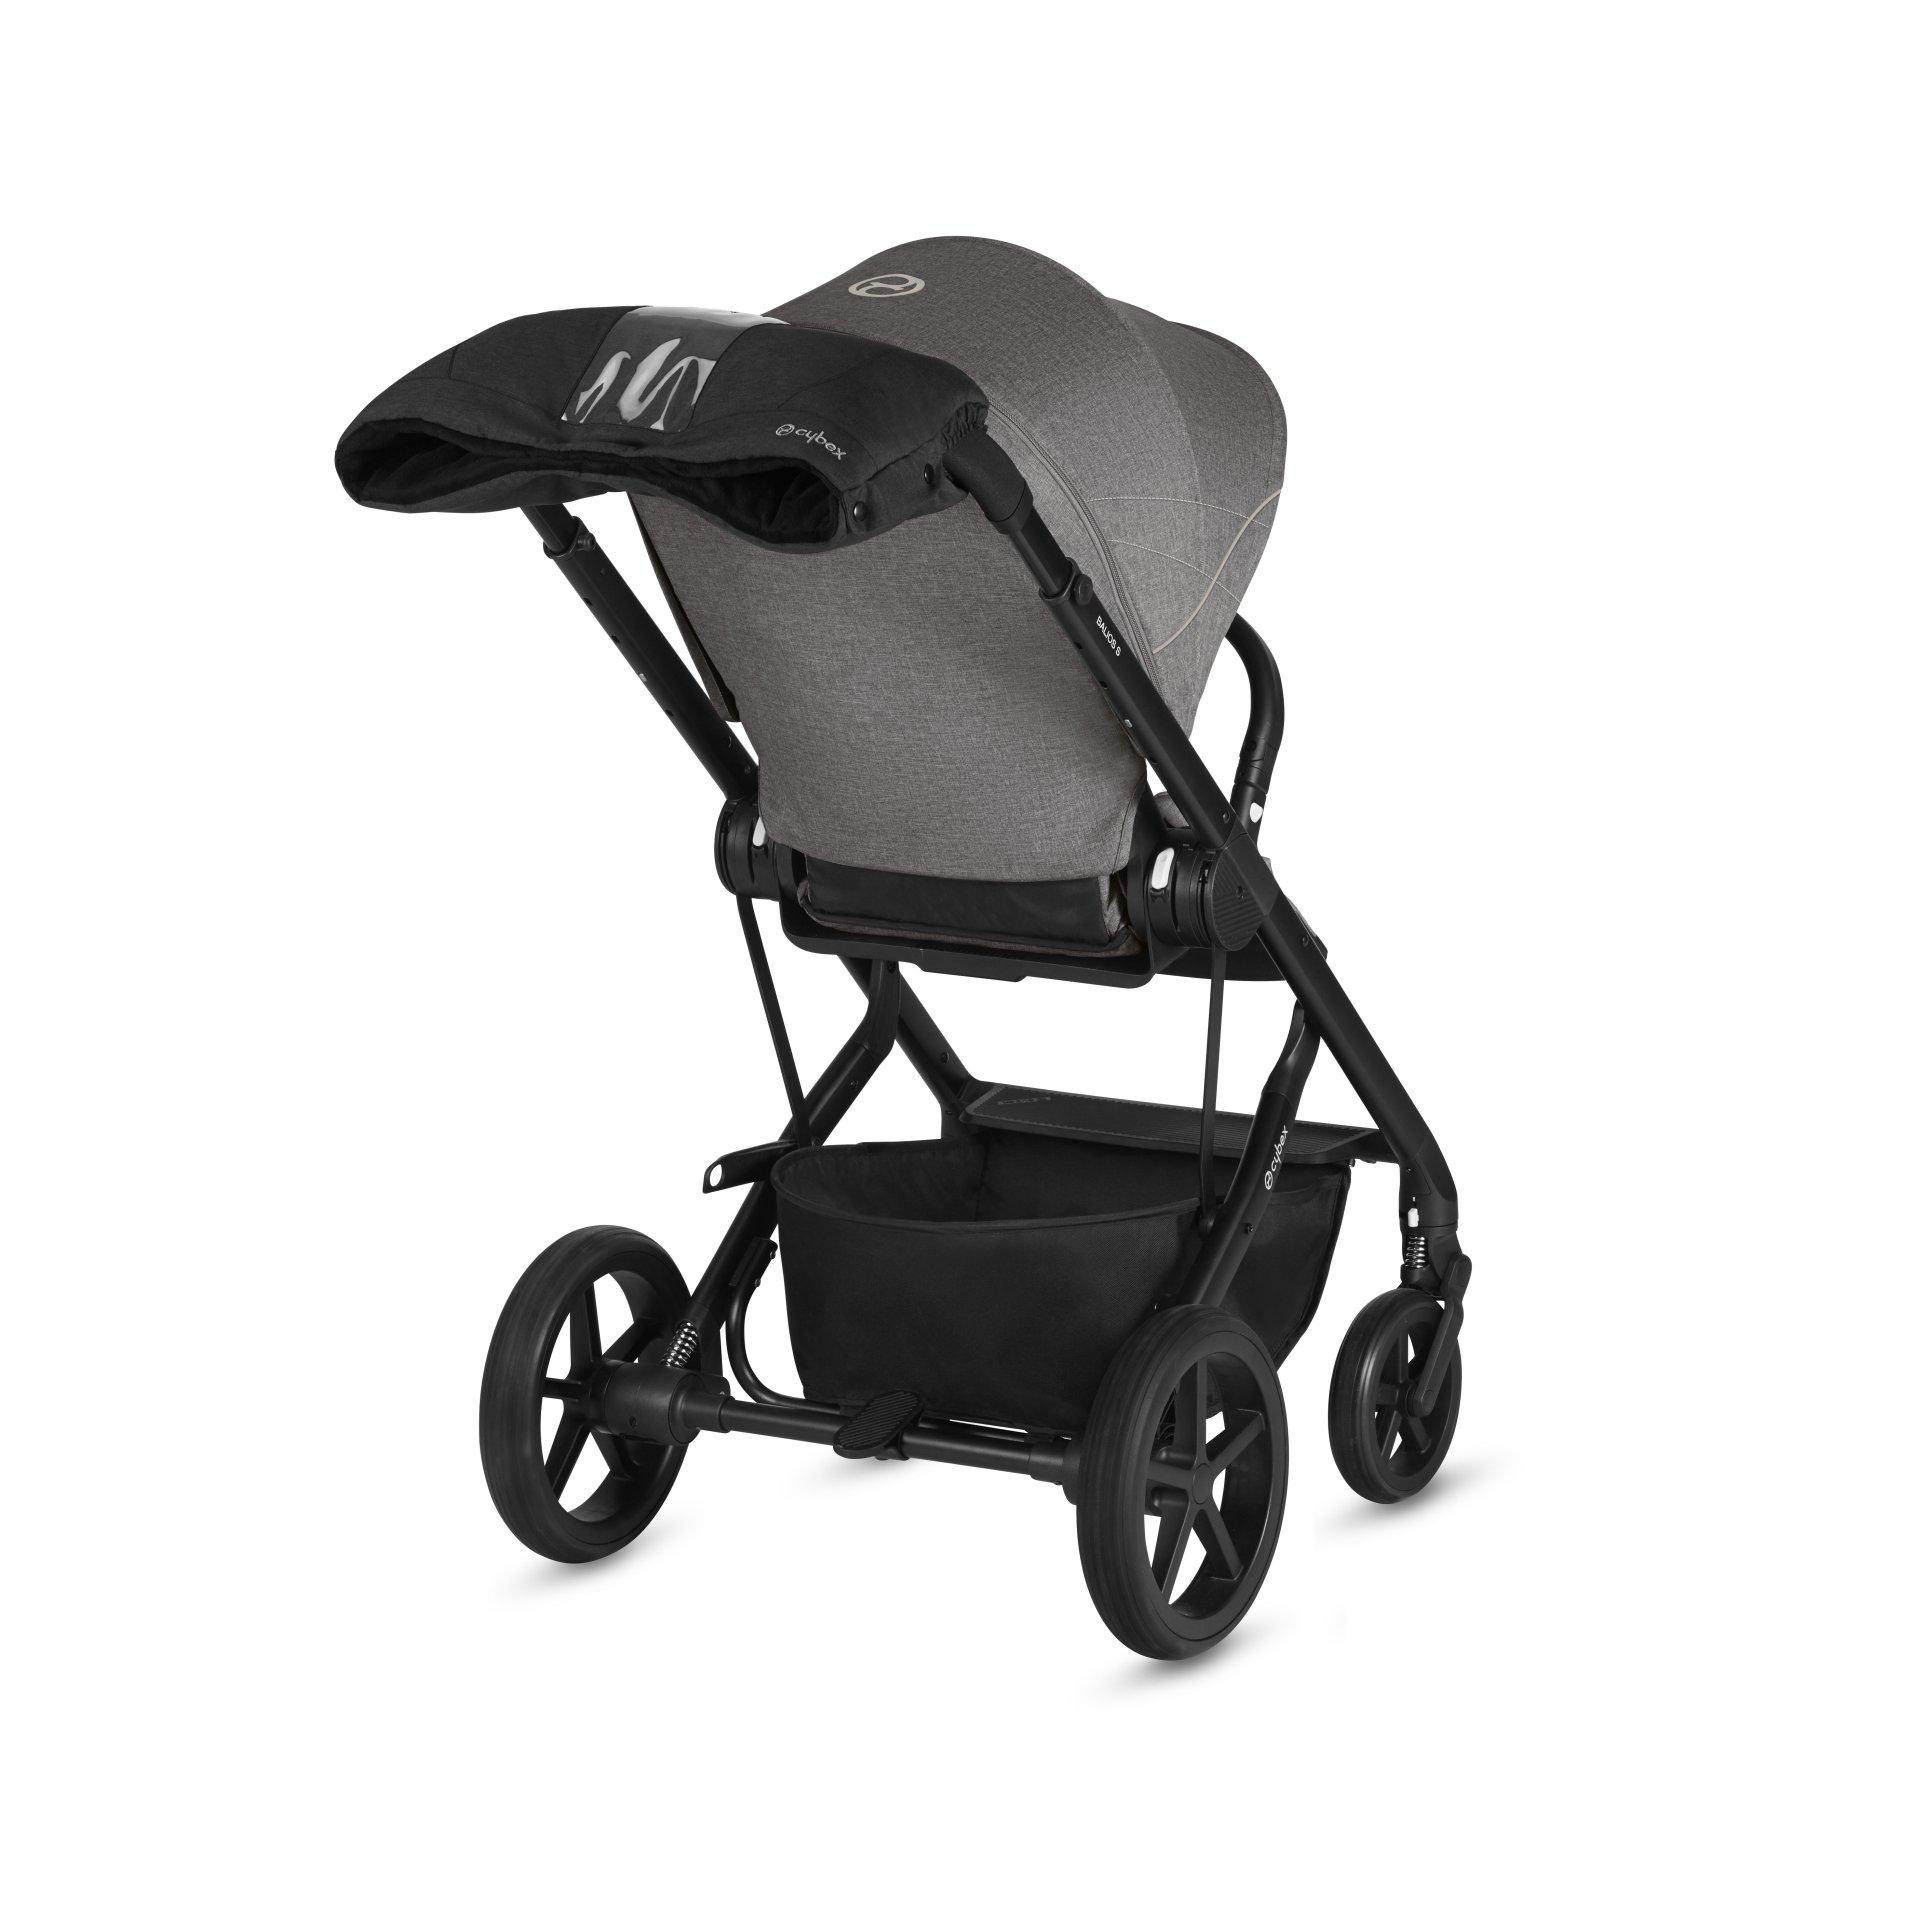 cybex hand warmer buy at kidsroom strollers stroller. Black Bedroom Furniture Sets. Home Design Ideas